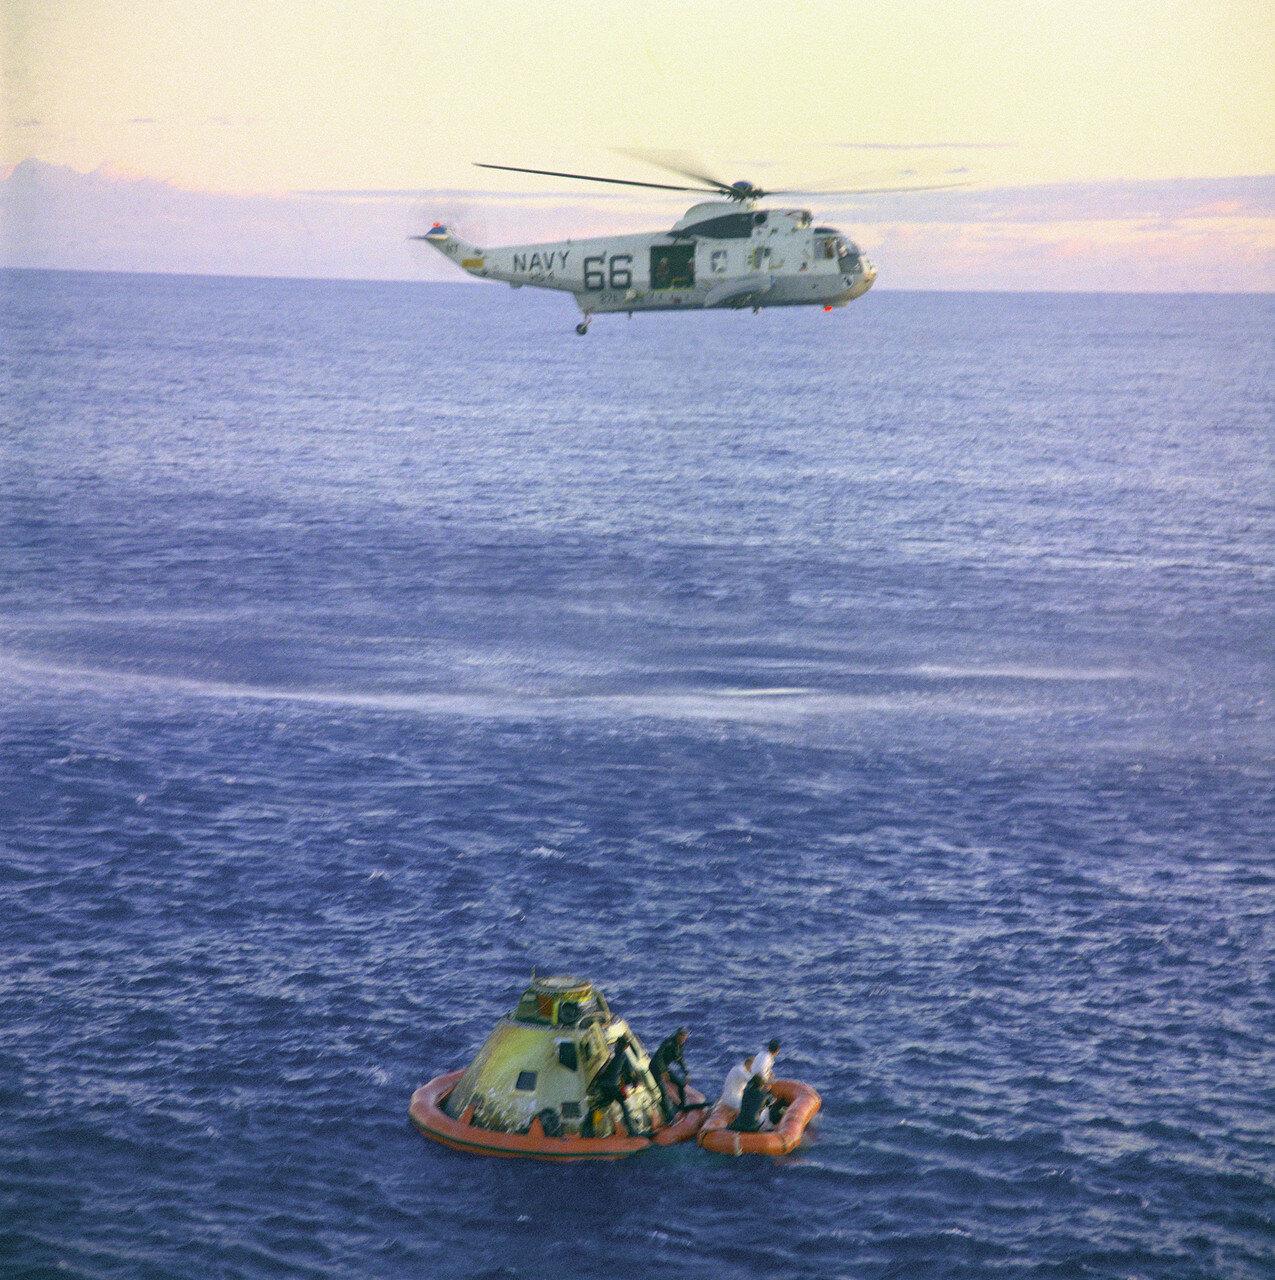 1969, 26 мая. Спуск отсека экипажа на парашютах наблюдали с корабля и передавали по телевидению. Приводнение произошло через 40 минут после восхода Солнца в месте посадки.Астронавты открыли люк, были подняты на борт вертолёта и доставлены на авианосец